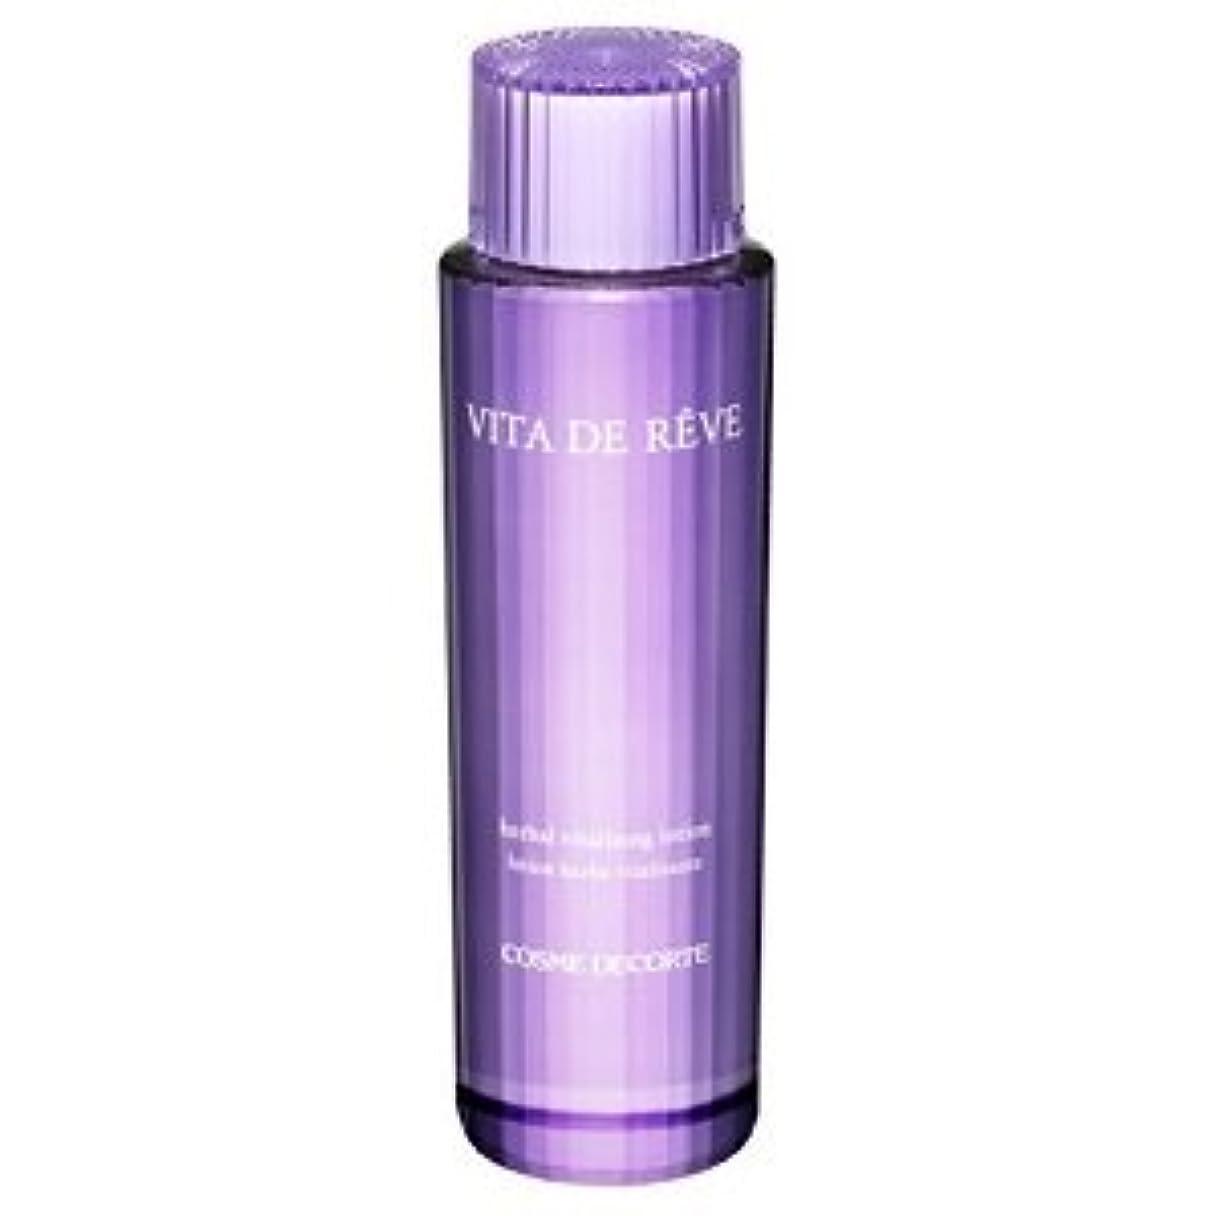 プランテーション正当化する信じるコスメデコルテ ヴィタ ドレーブ 150ml 化粧水 アウトレット